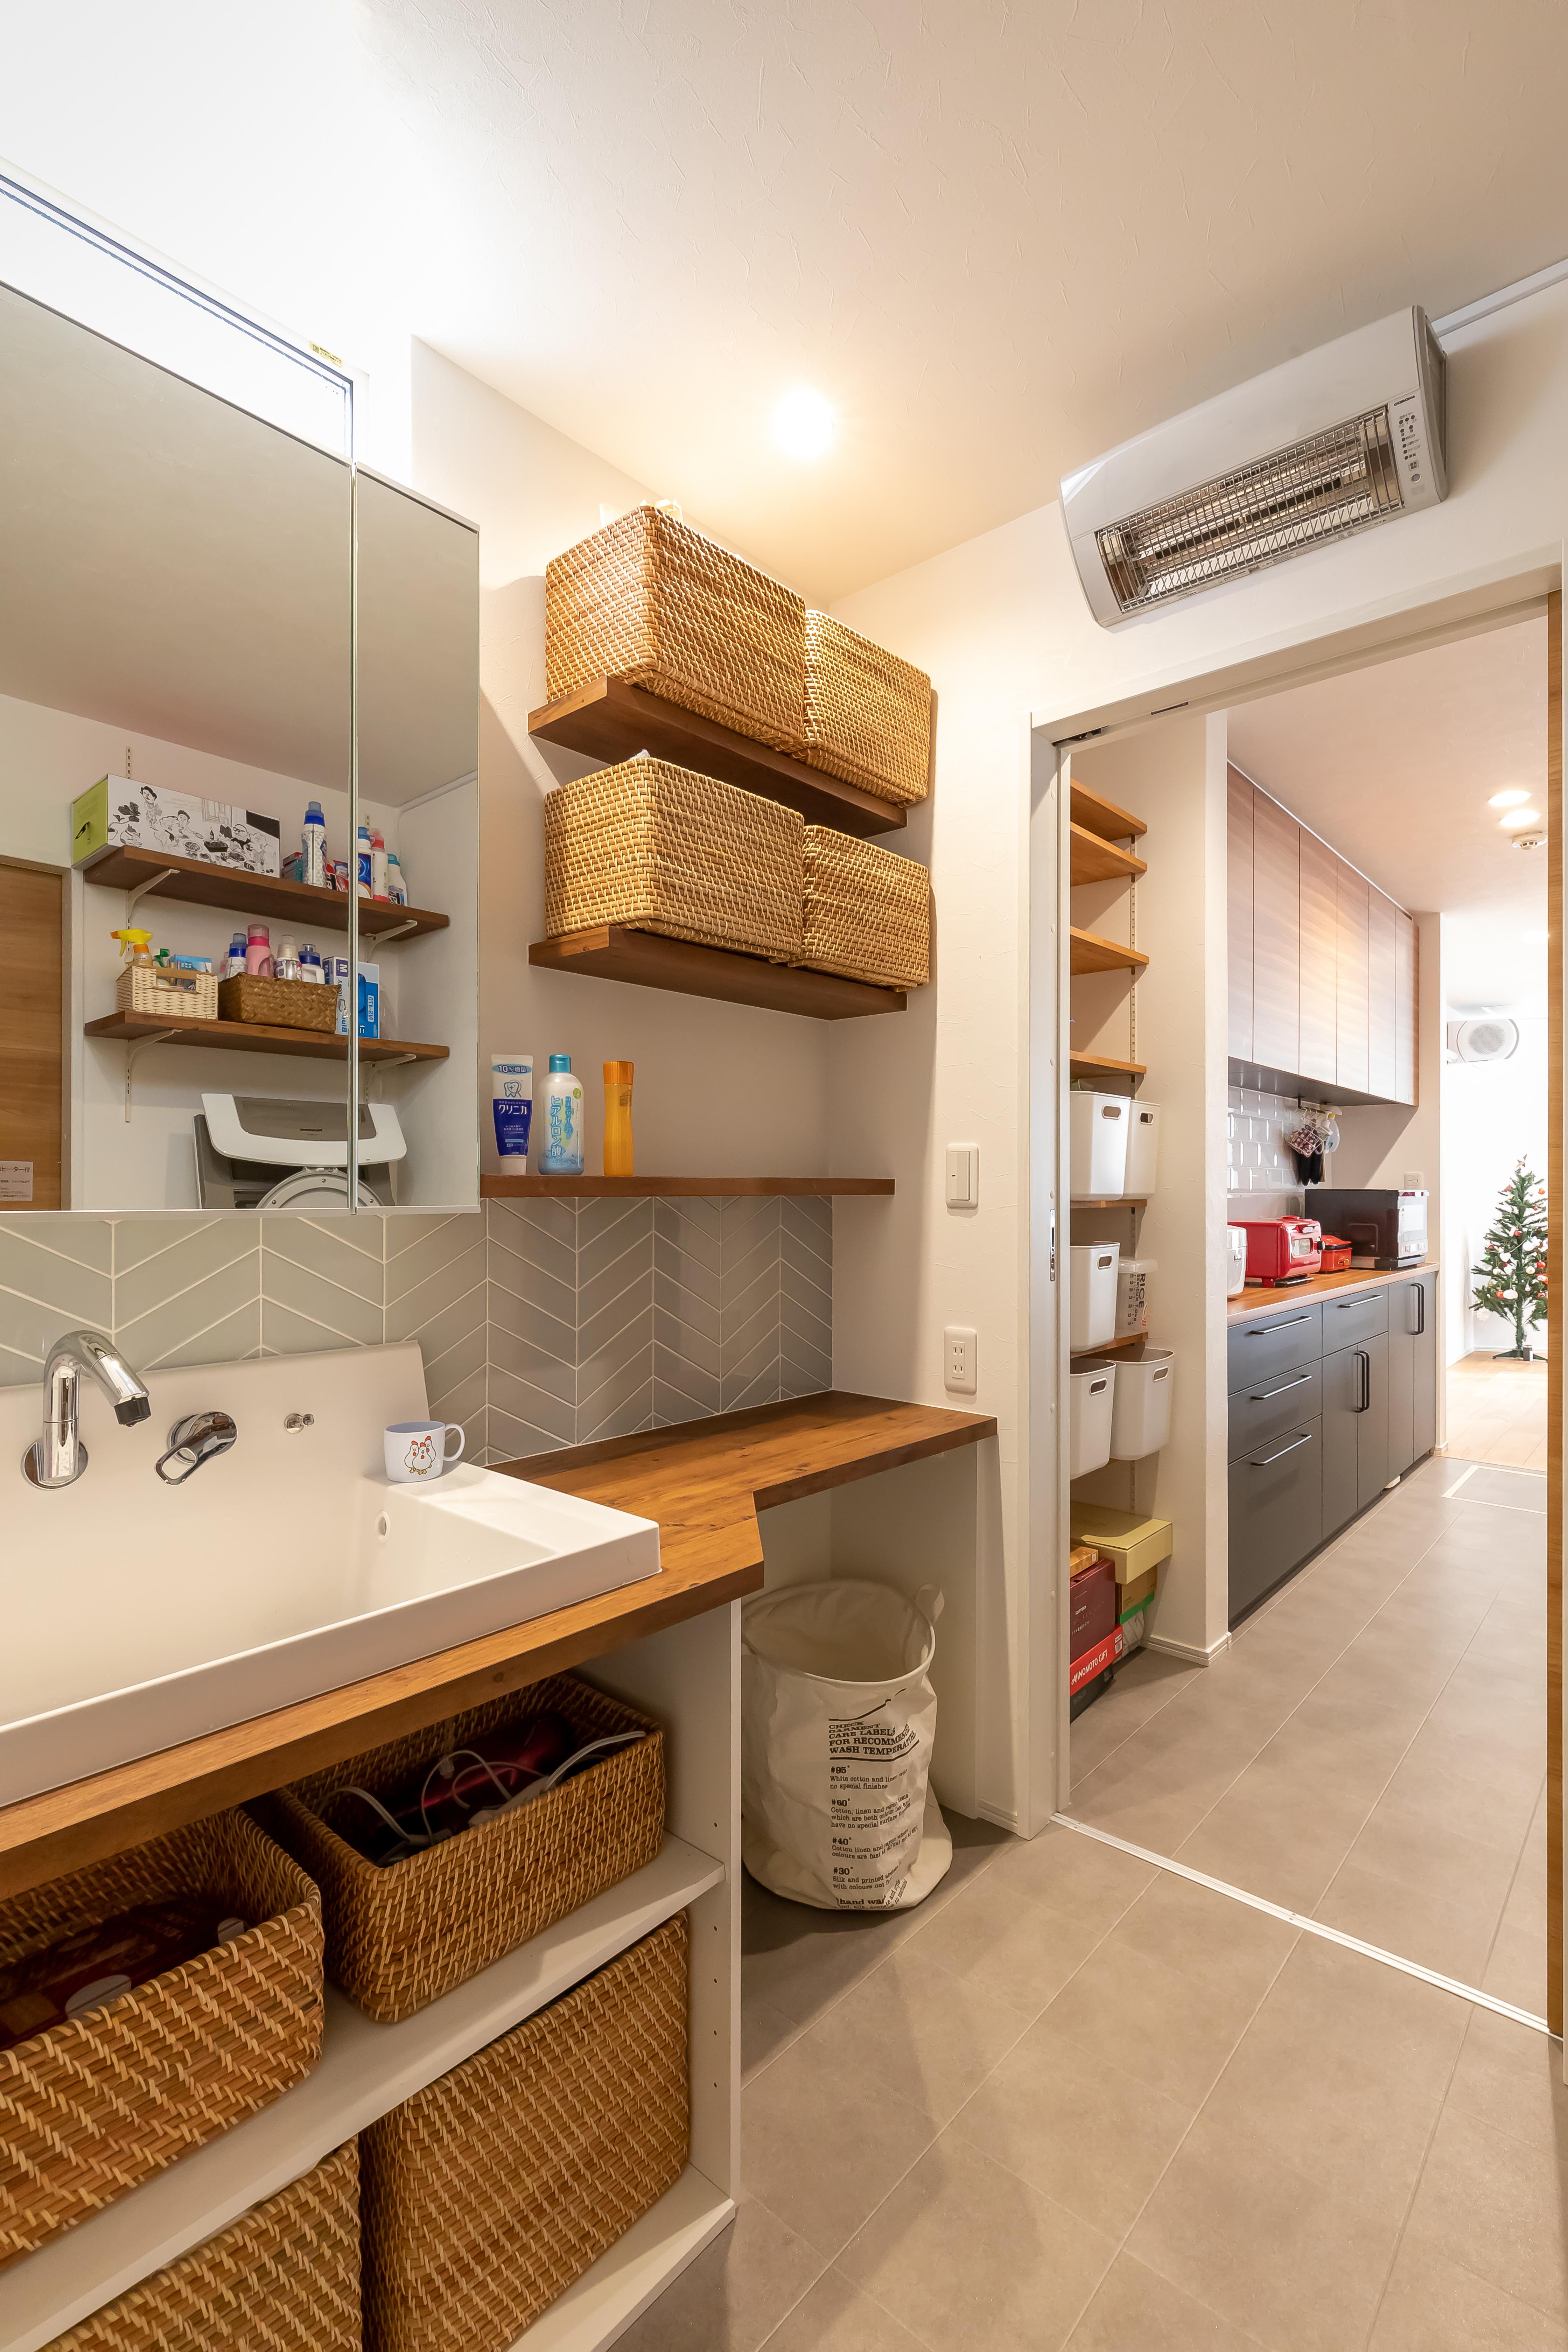 アルファホーム【デザイン住宅、収納力、間取り】洗面所にいる時も、扉を開けておけば食事をする子どもの様子がいつでもわかる作りに